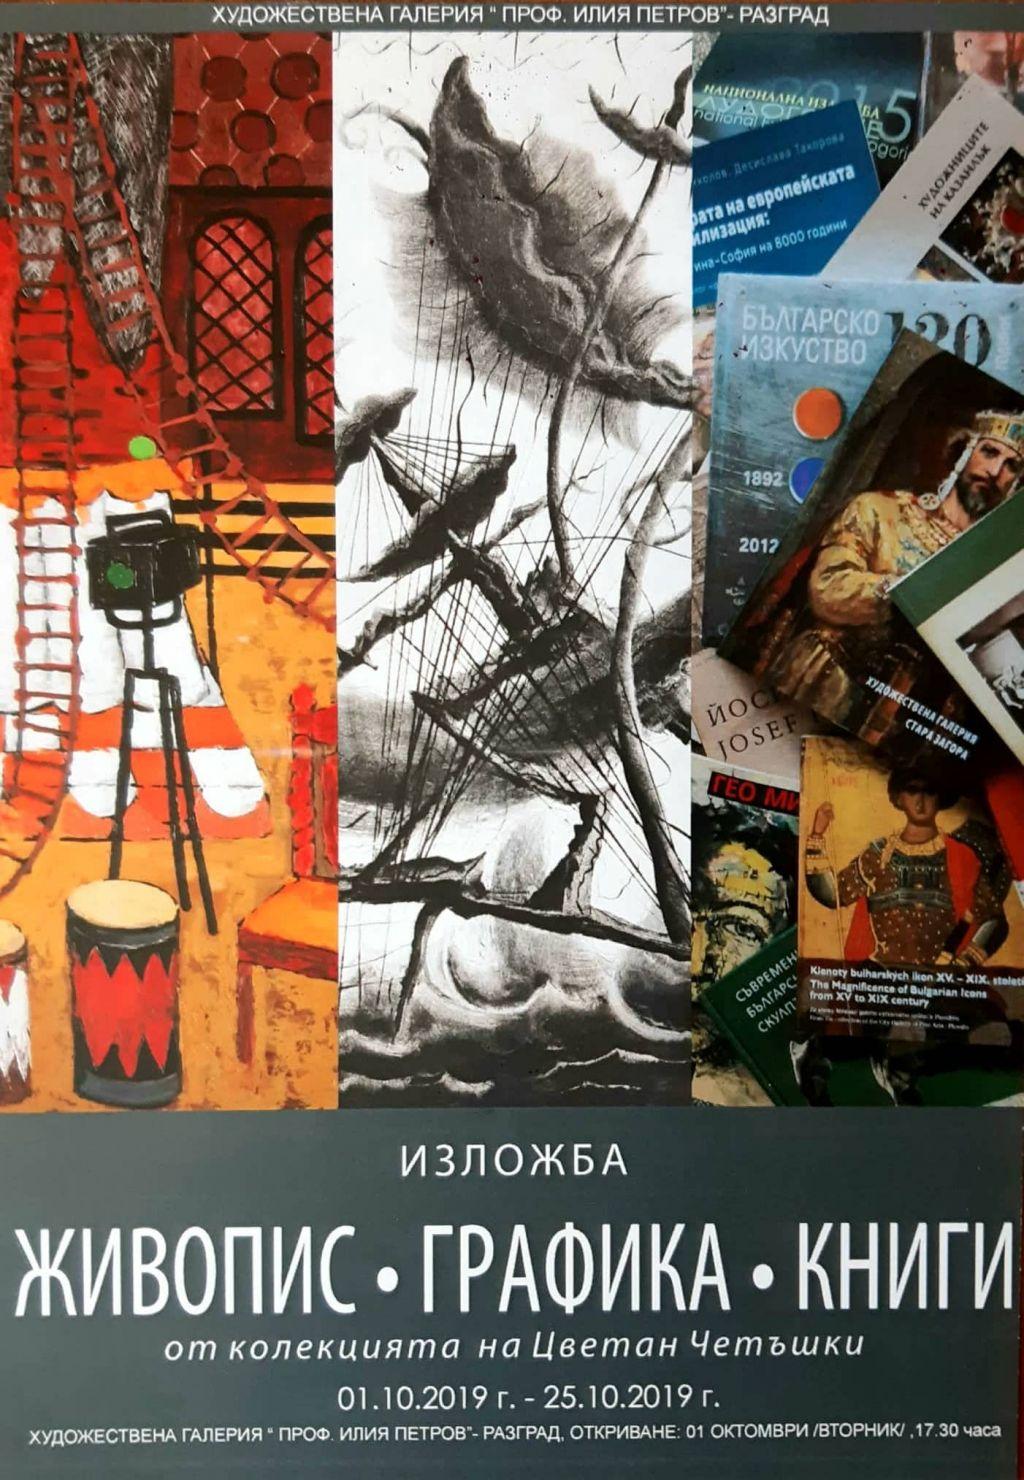 Живопис*Графика*Книги* Колекция на Цветан Четъшки - голяма снимка